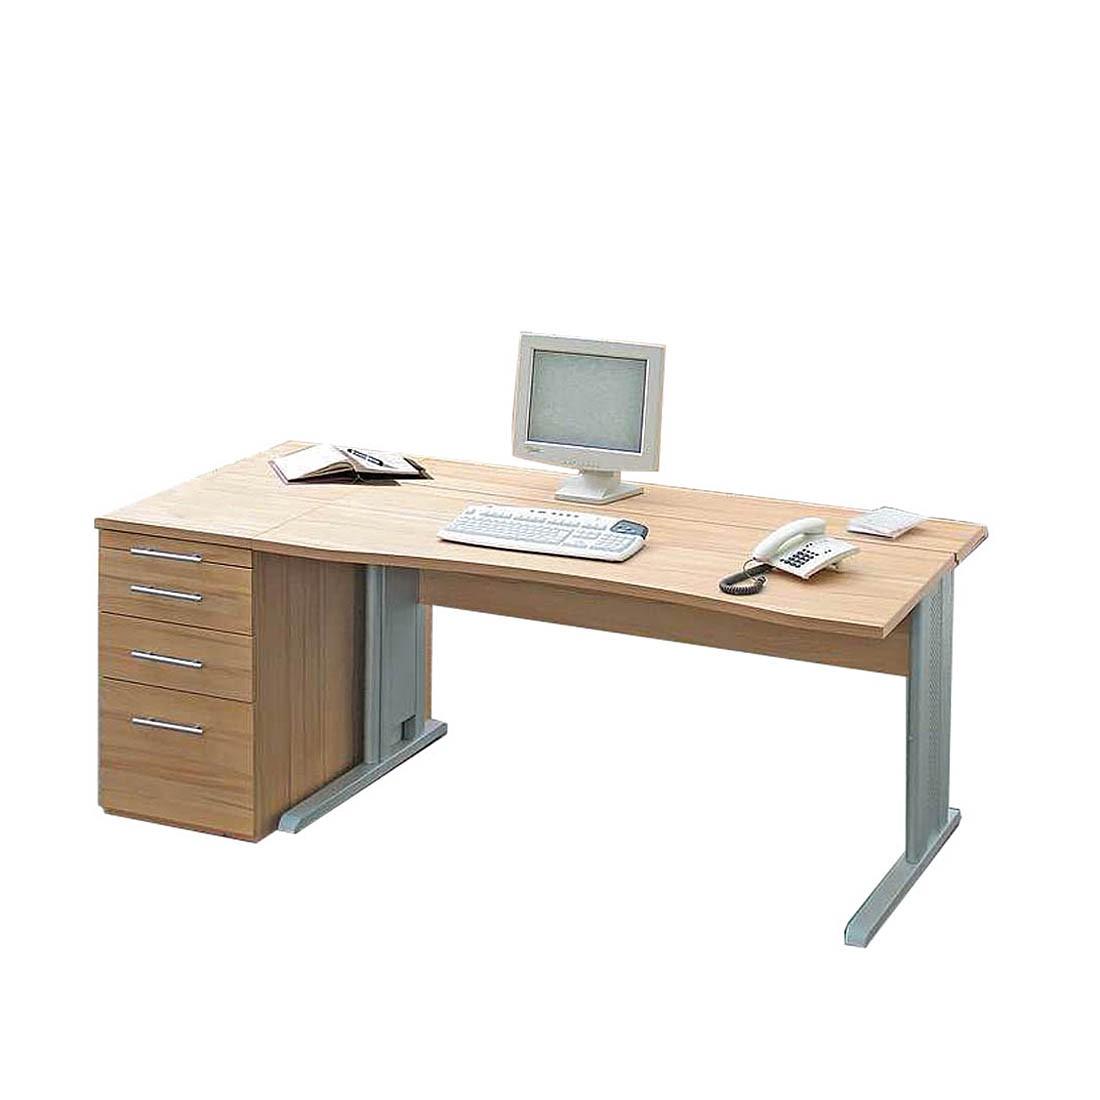 Schreibtisch medford ohne fu blende l nge 150 cm for Schreibtisch 150